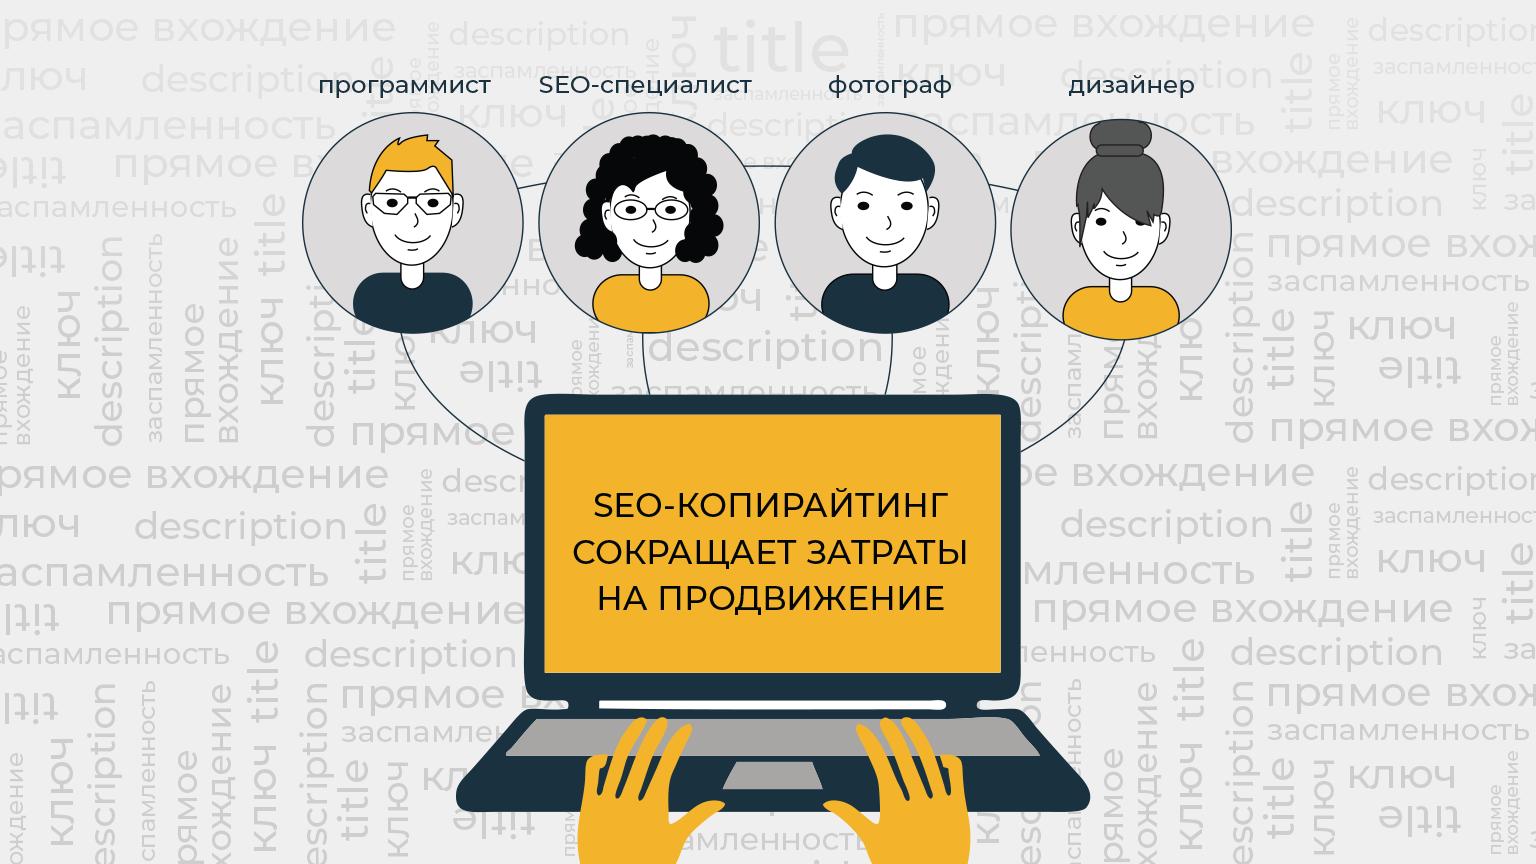 Рекламное агентство КОМАНДА-А делится секретами создания seo-статей для сайта и показывает правильный алгоритм продвижения в Google и Yandex – читайте наш блог.